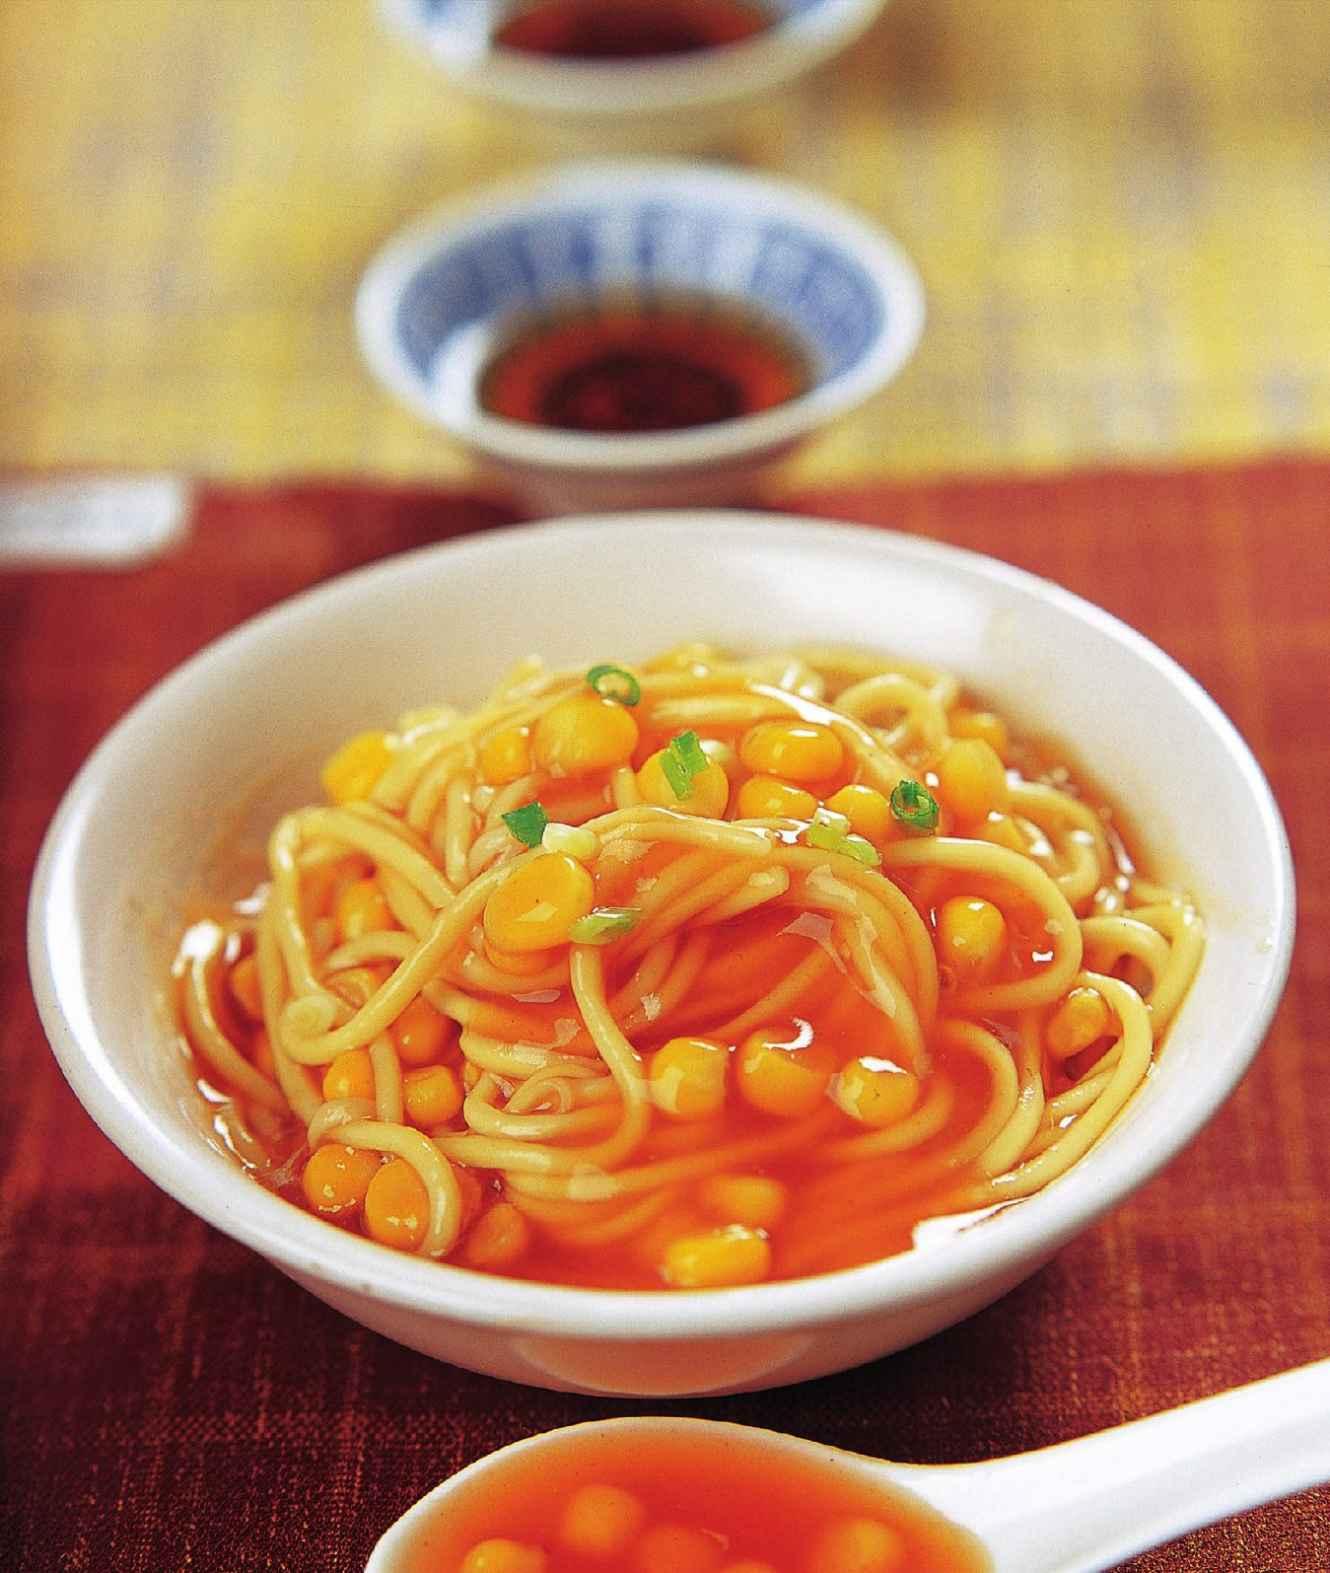 玉米番茄酱拌面怎么做?玉米番茄酱拌面的家常做法